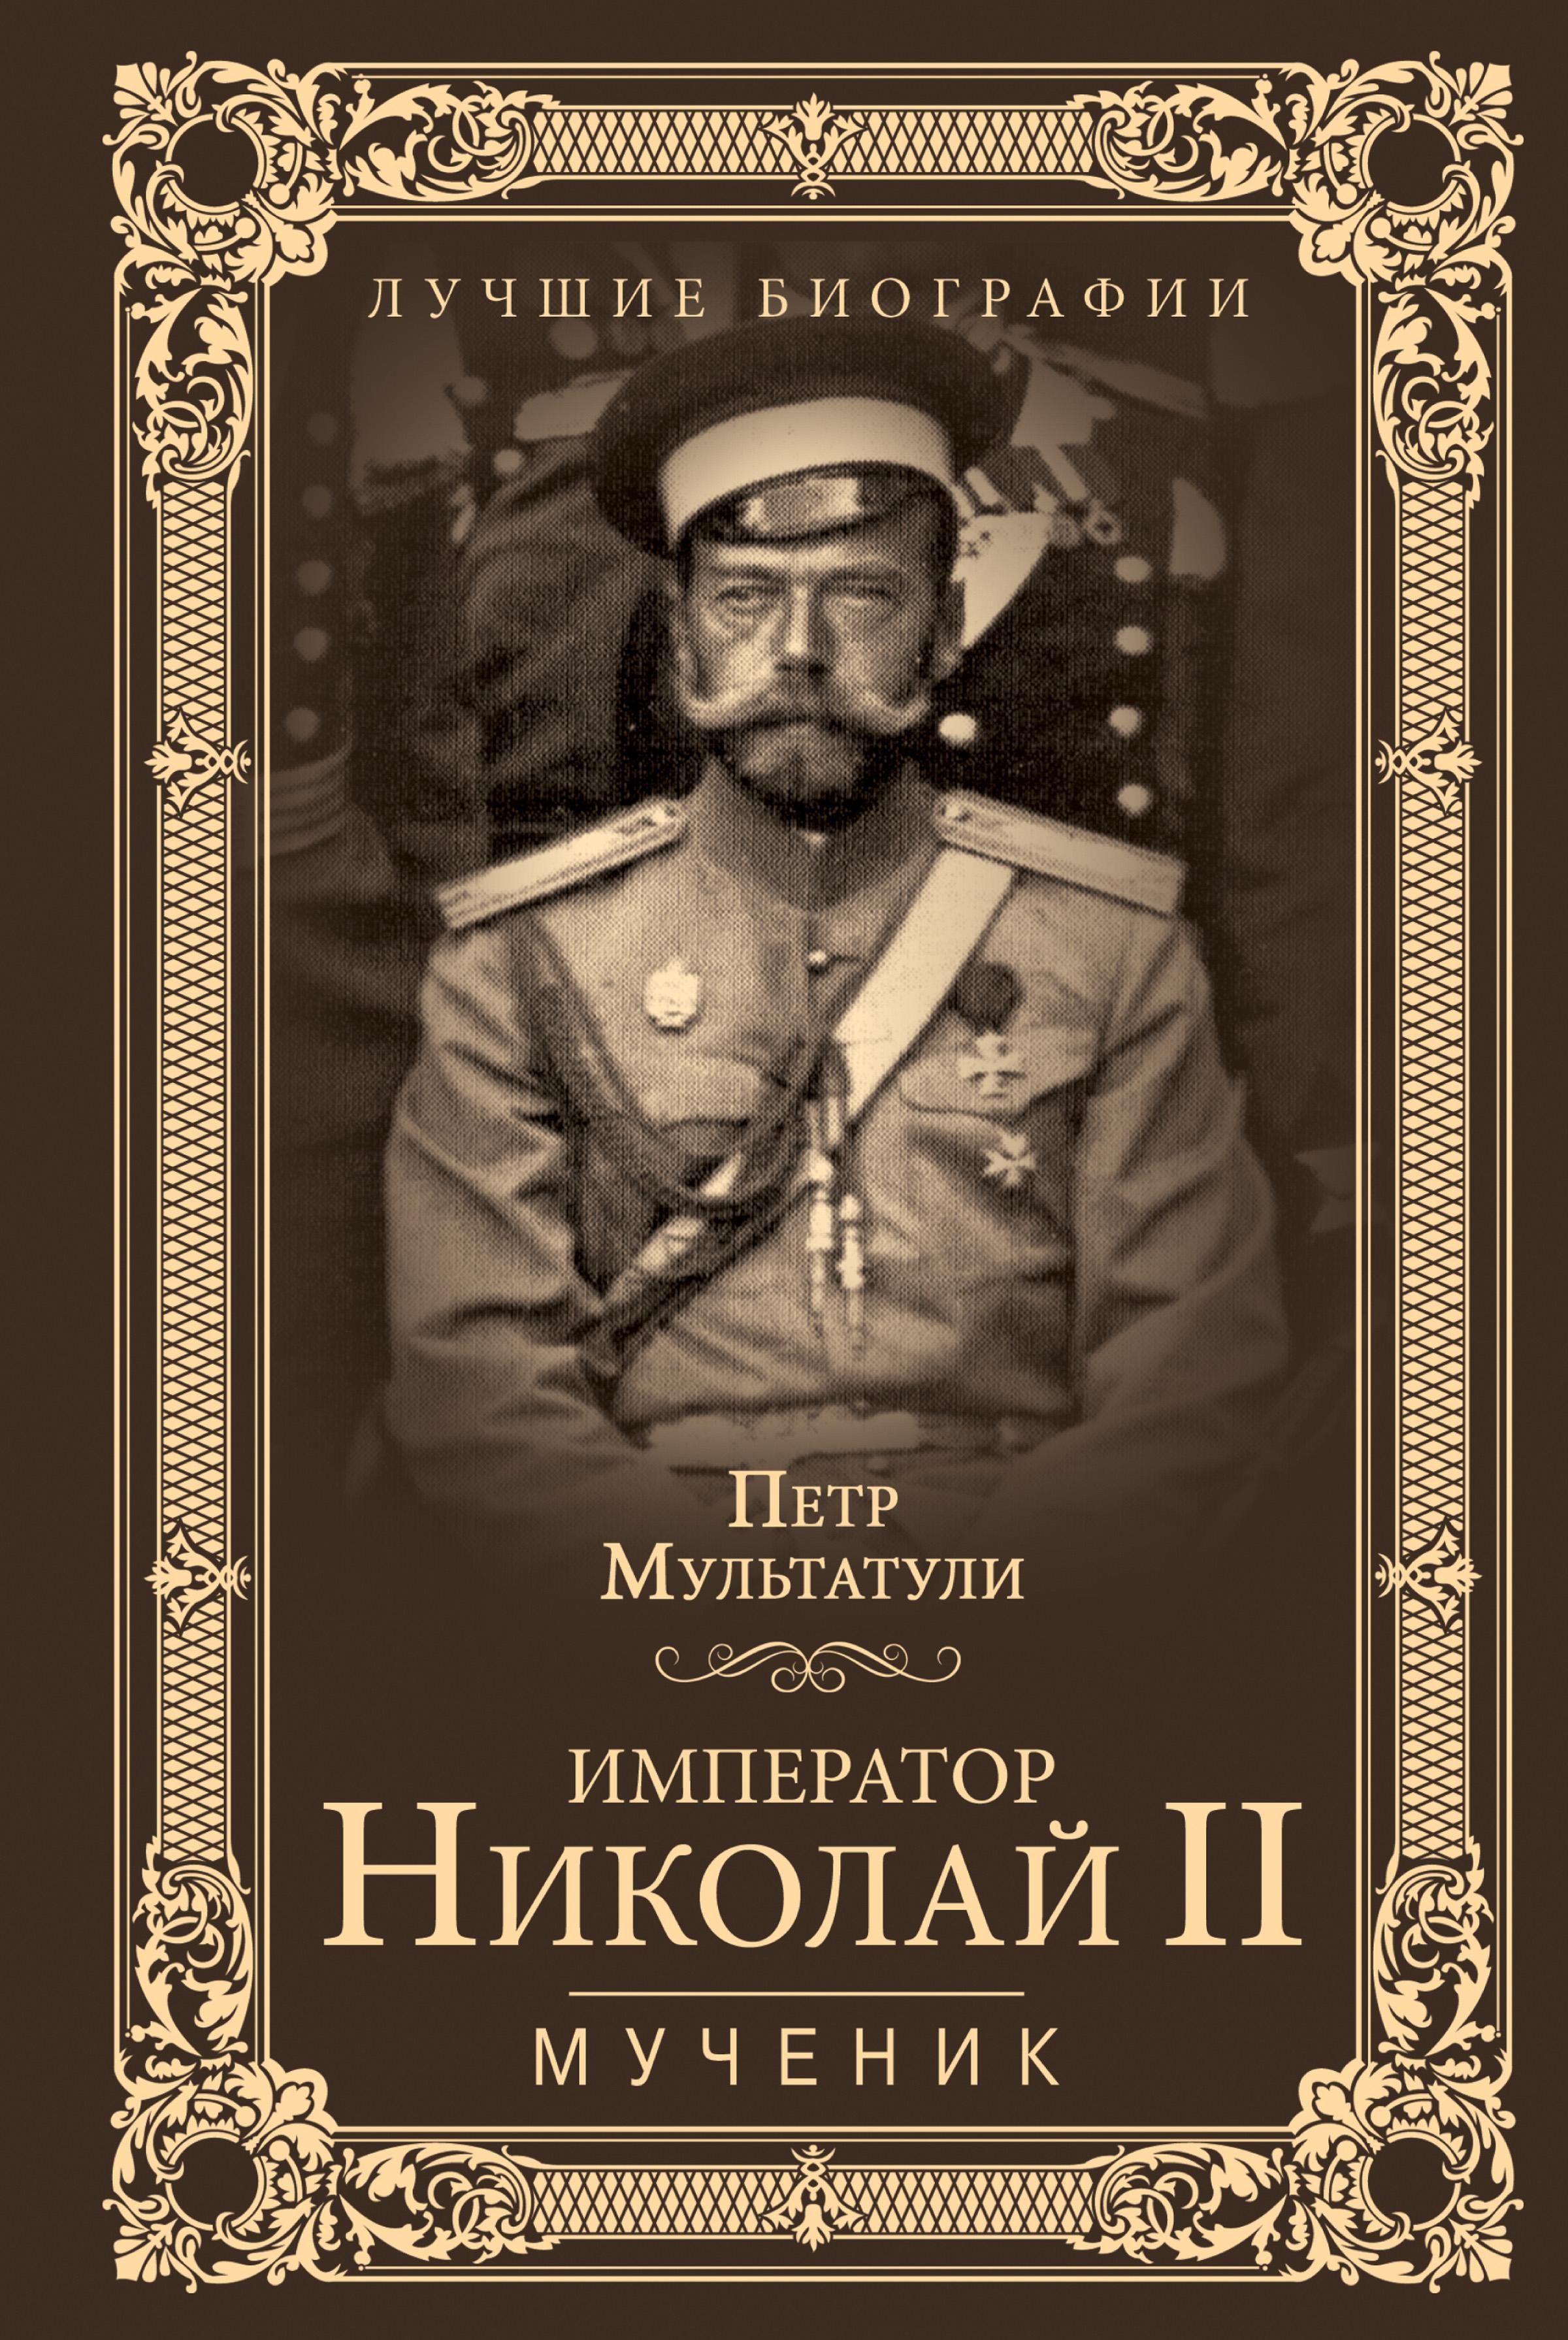 Петр Мультатули Император Николай II. Мученик петр мультатули император николай ii мученик isbn 978 5 4444 6611 7